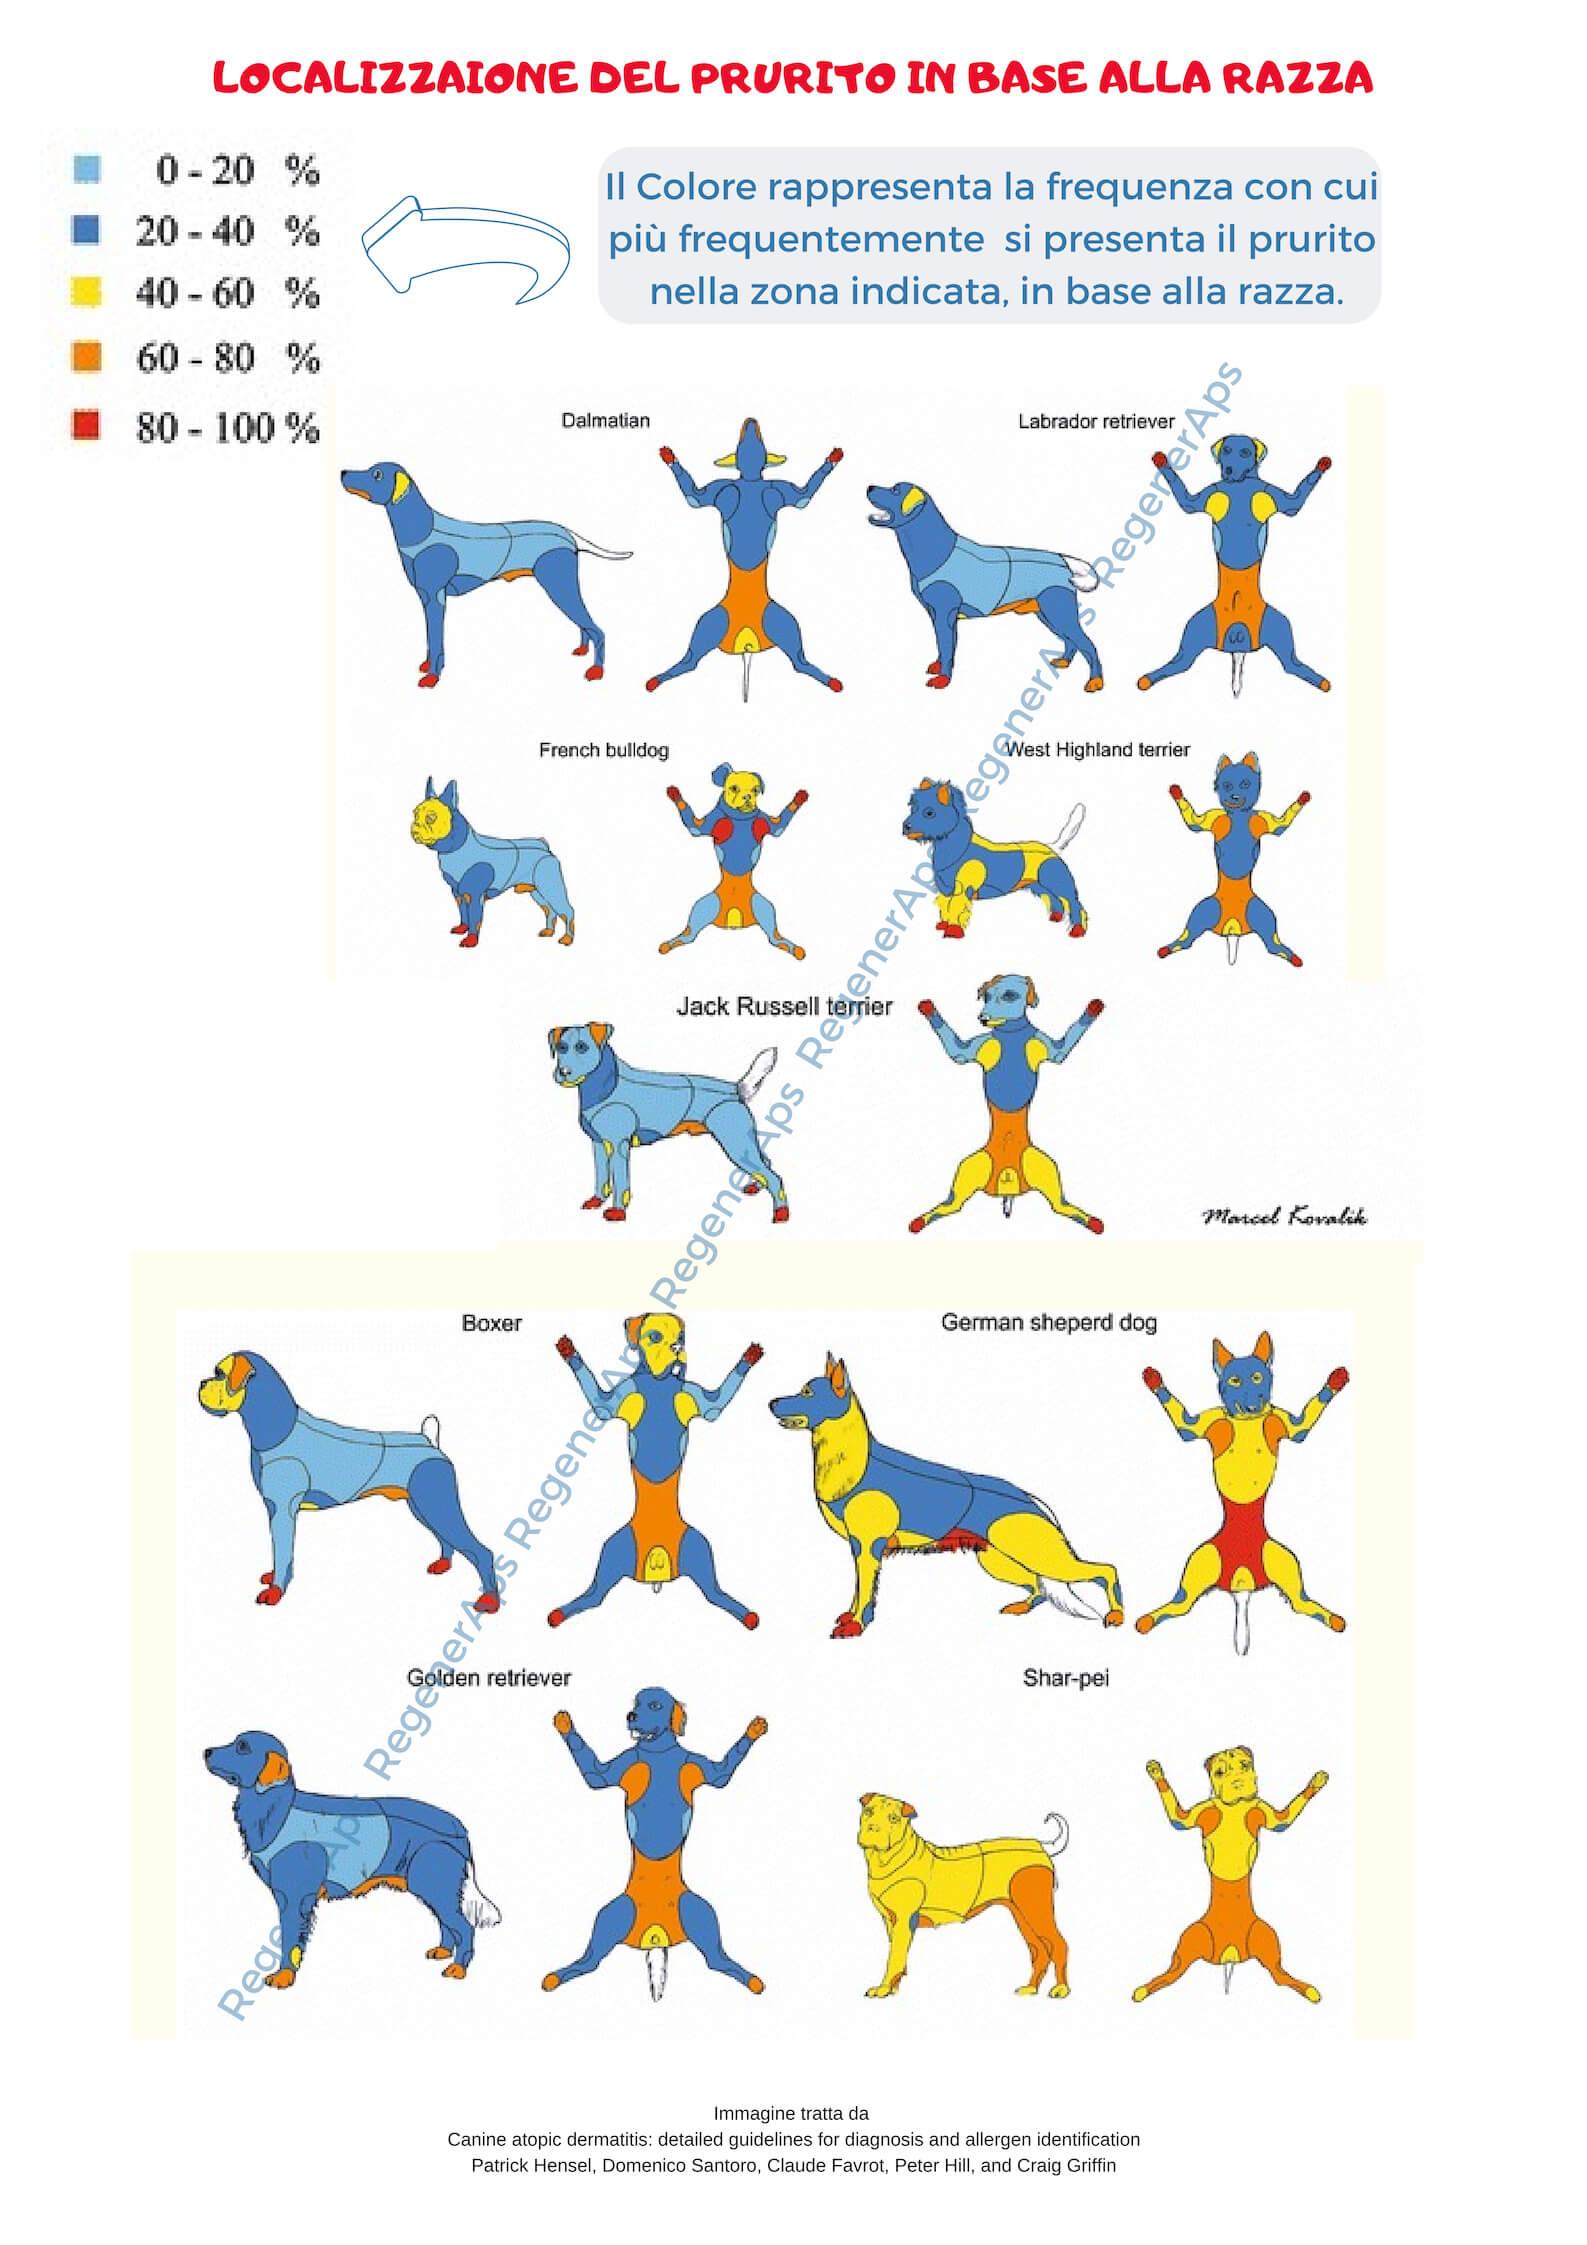 dermatite atopica nel cane prurito e localizzazione in base alla razza